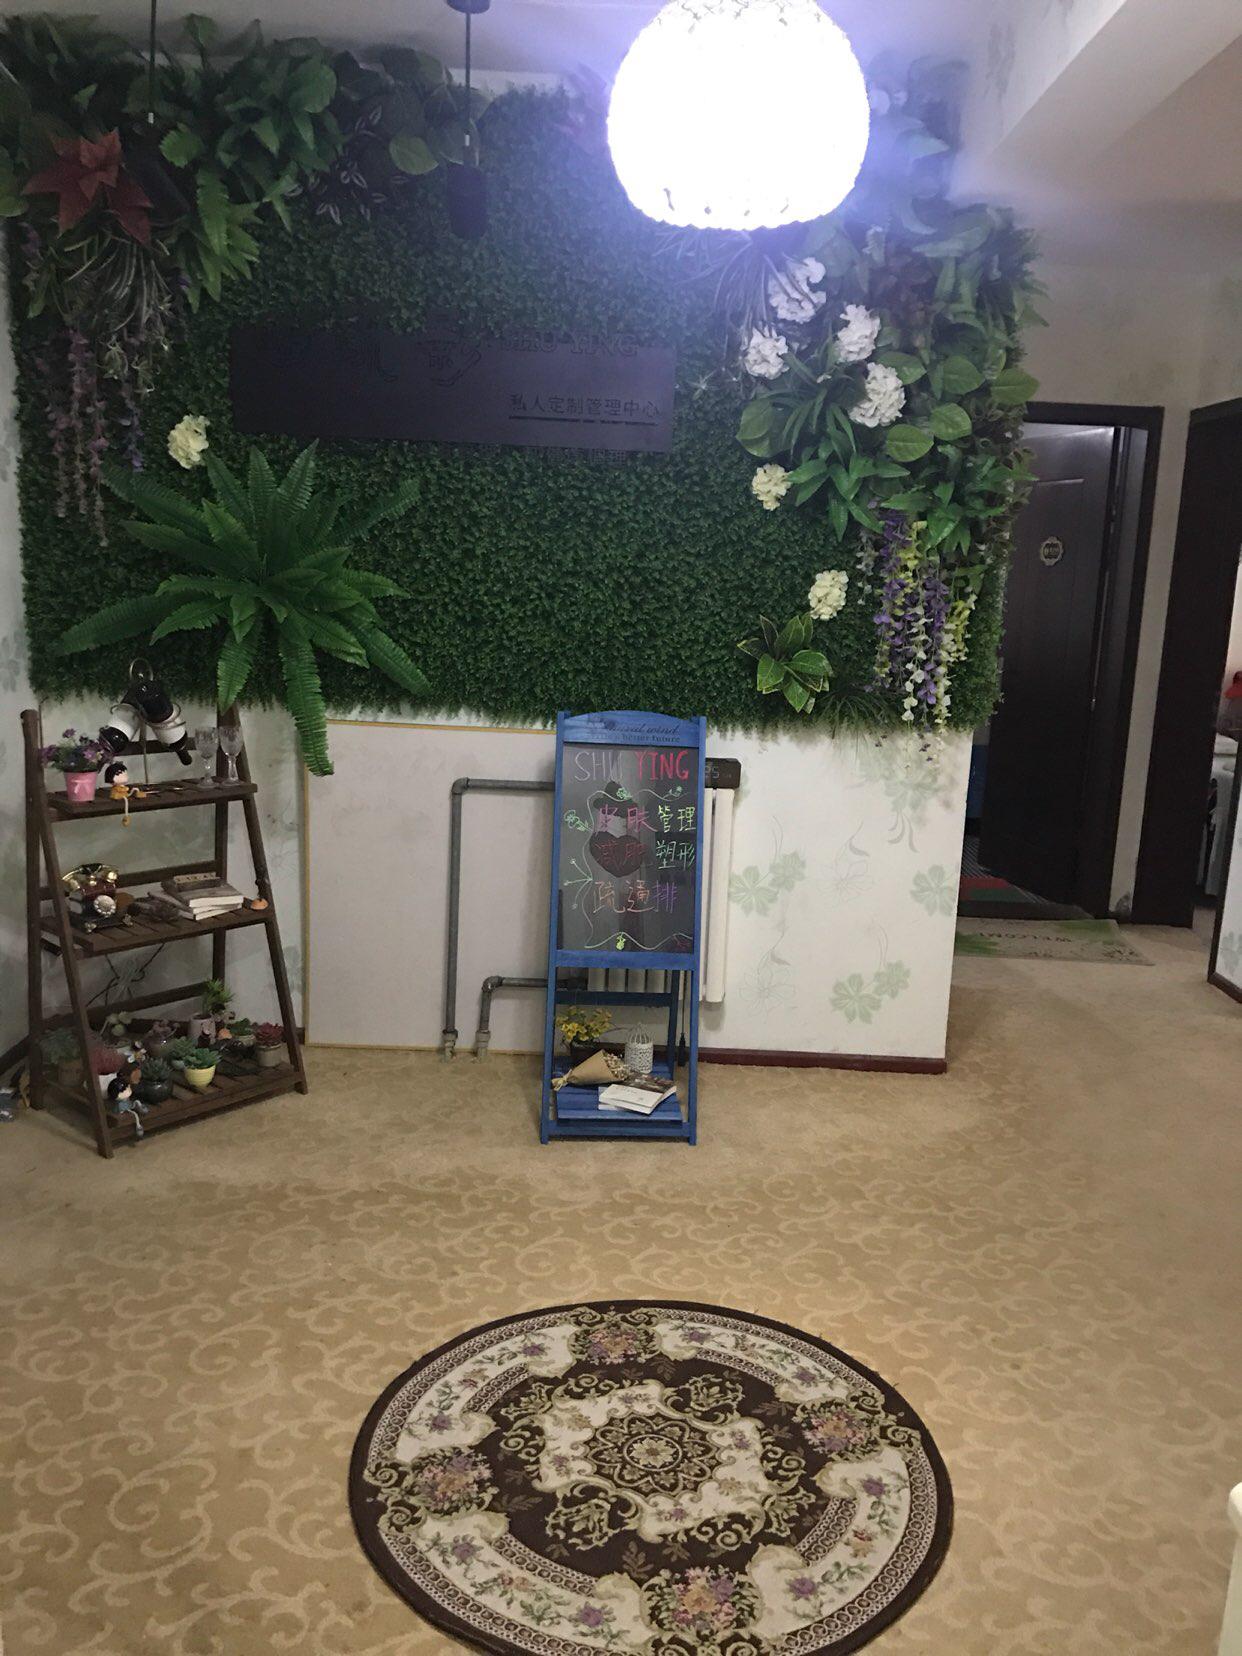 工作室室内效果图招聘苏州城建建筑设计有限公司设计图片